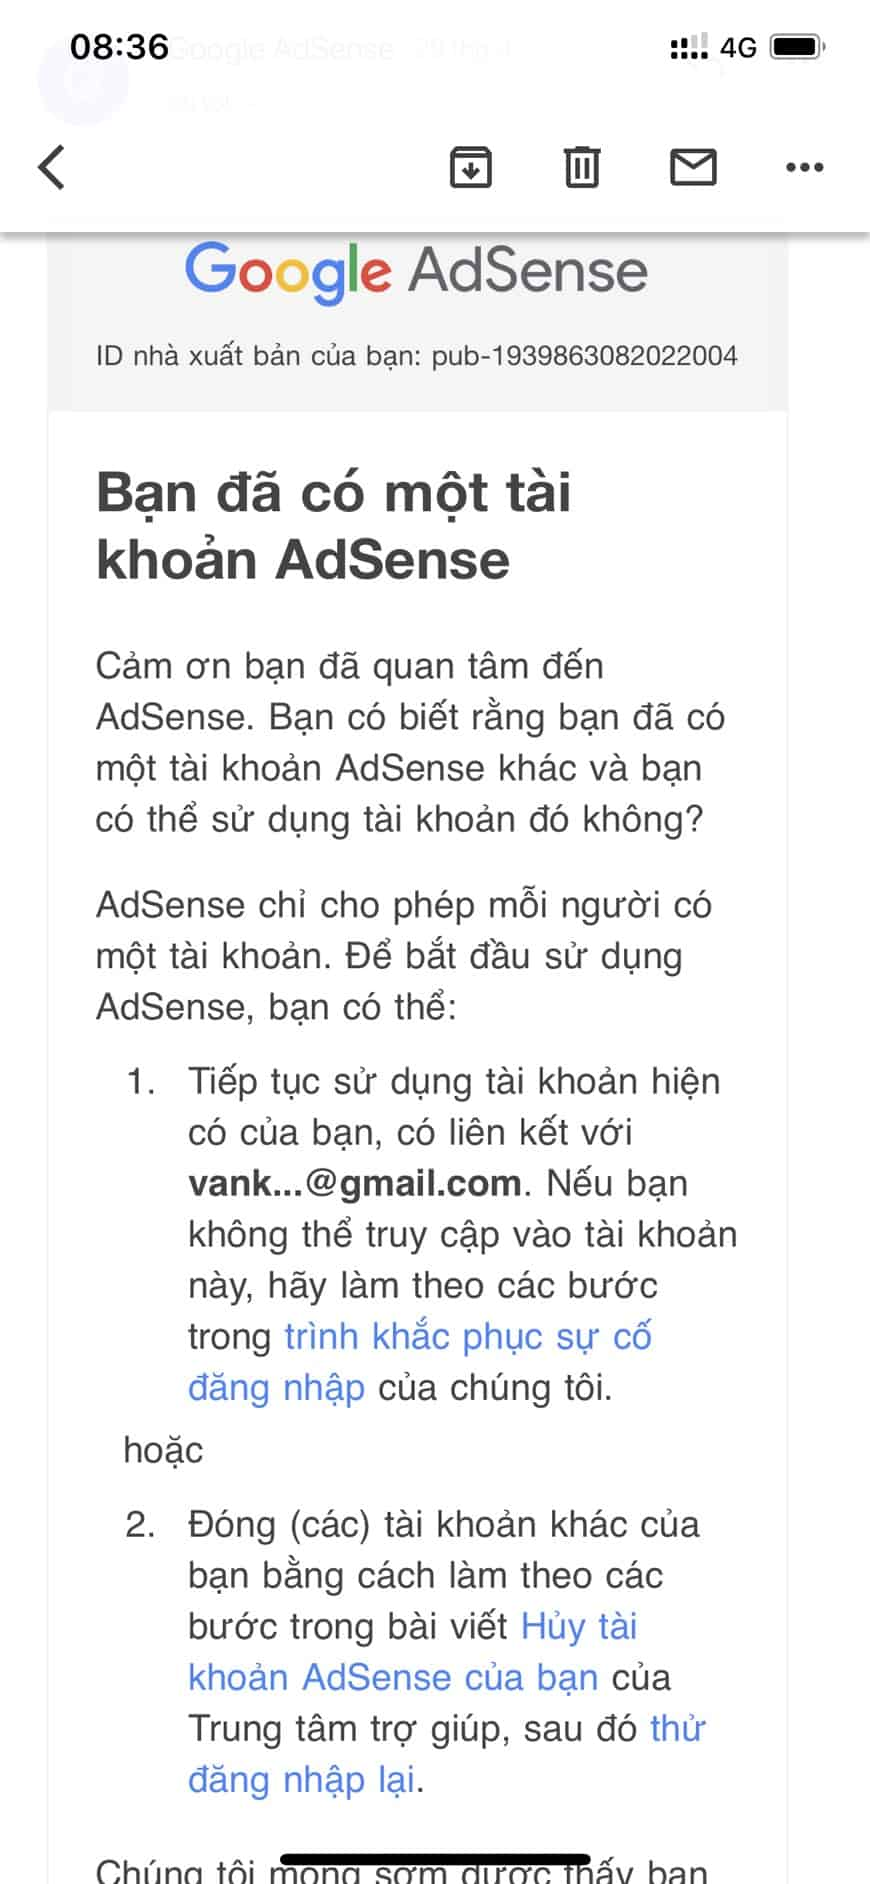 Bị tắt kiếm tiền do có 2 tài khoản Adsense Trùng Adsense